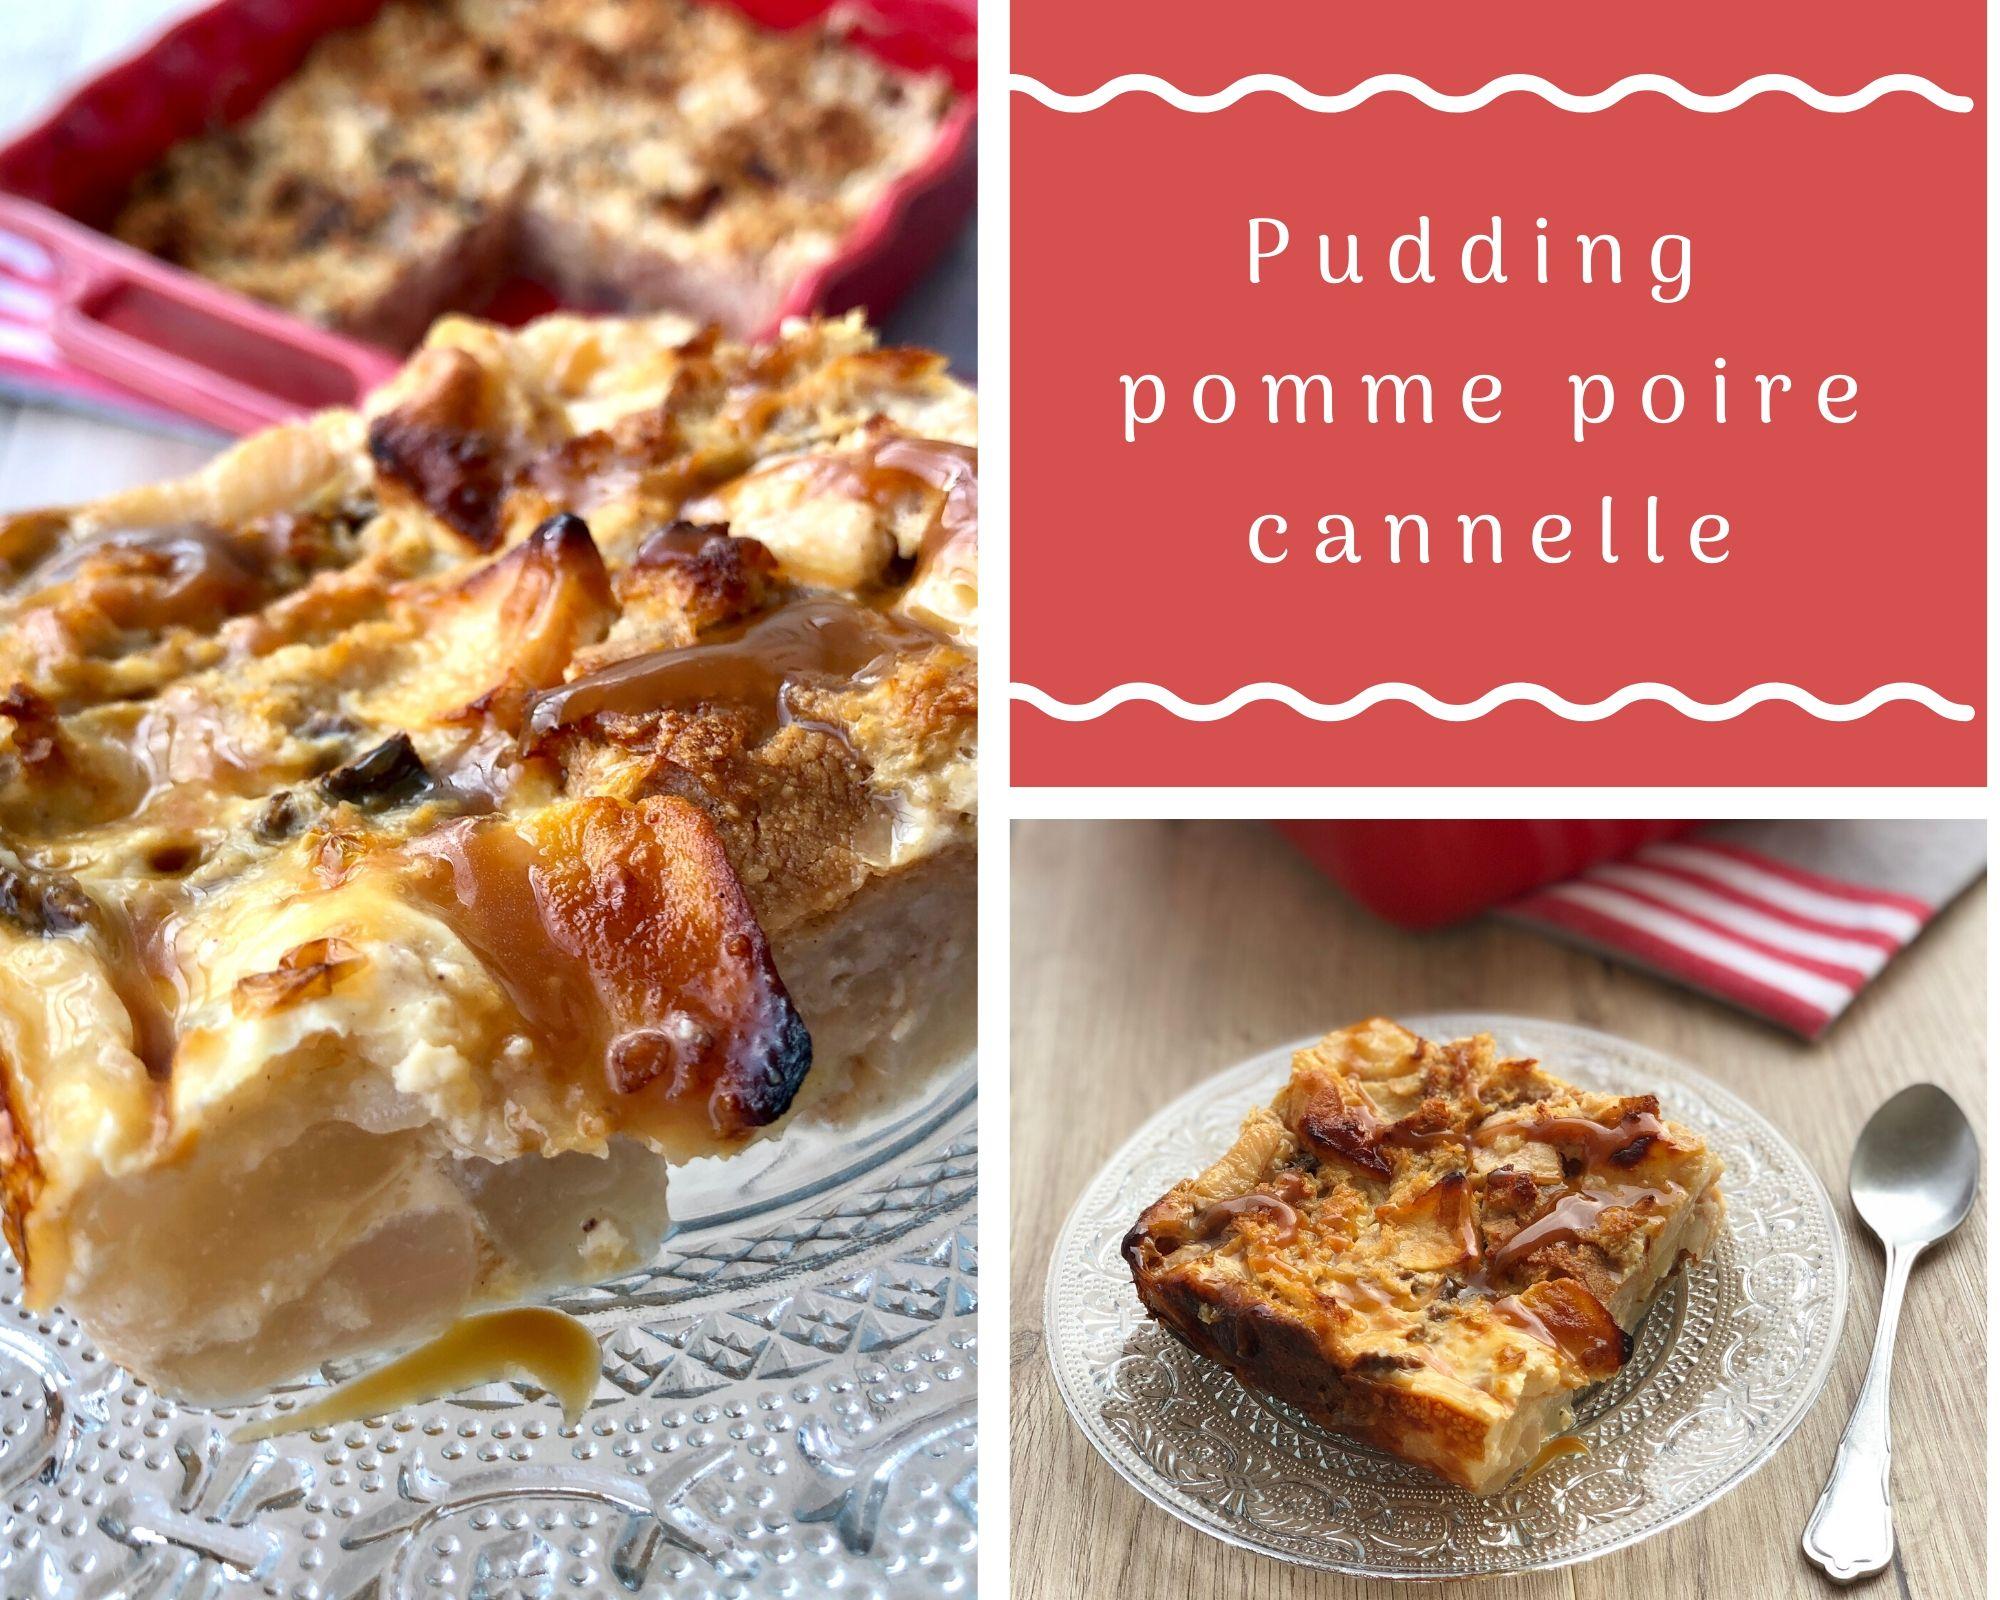 Pudding pomme poire cannelle